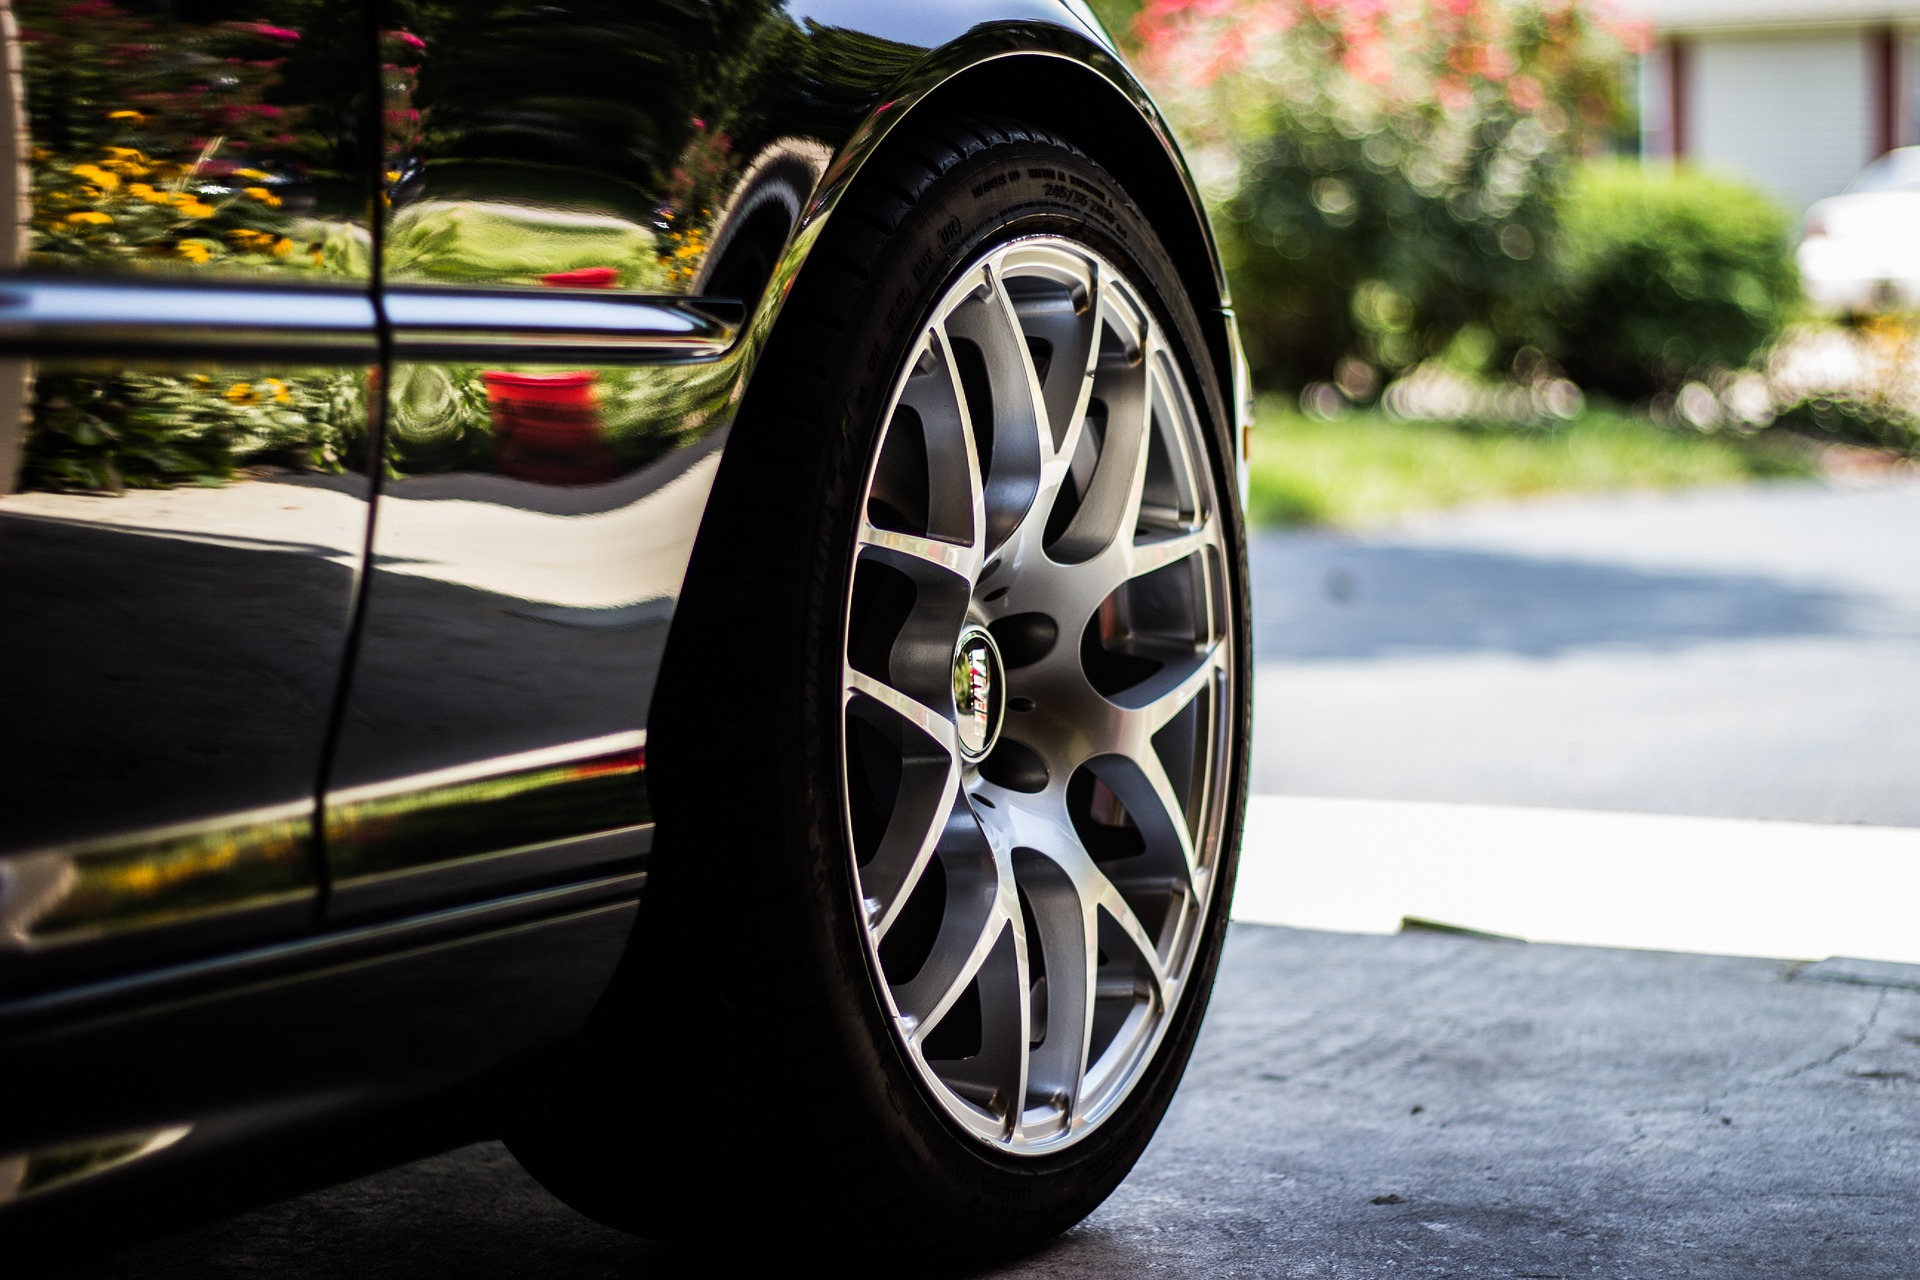 タイヤがパンクする仕組みとタイヤ交換について